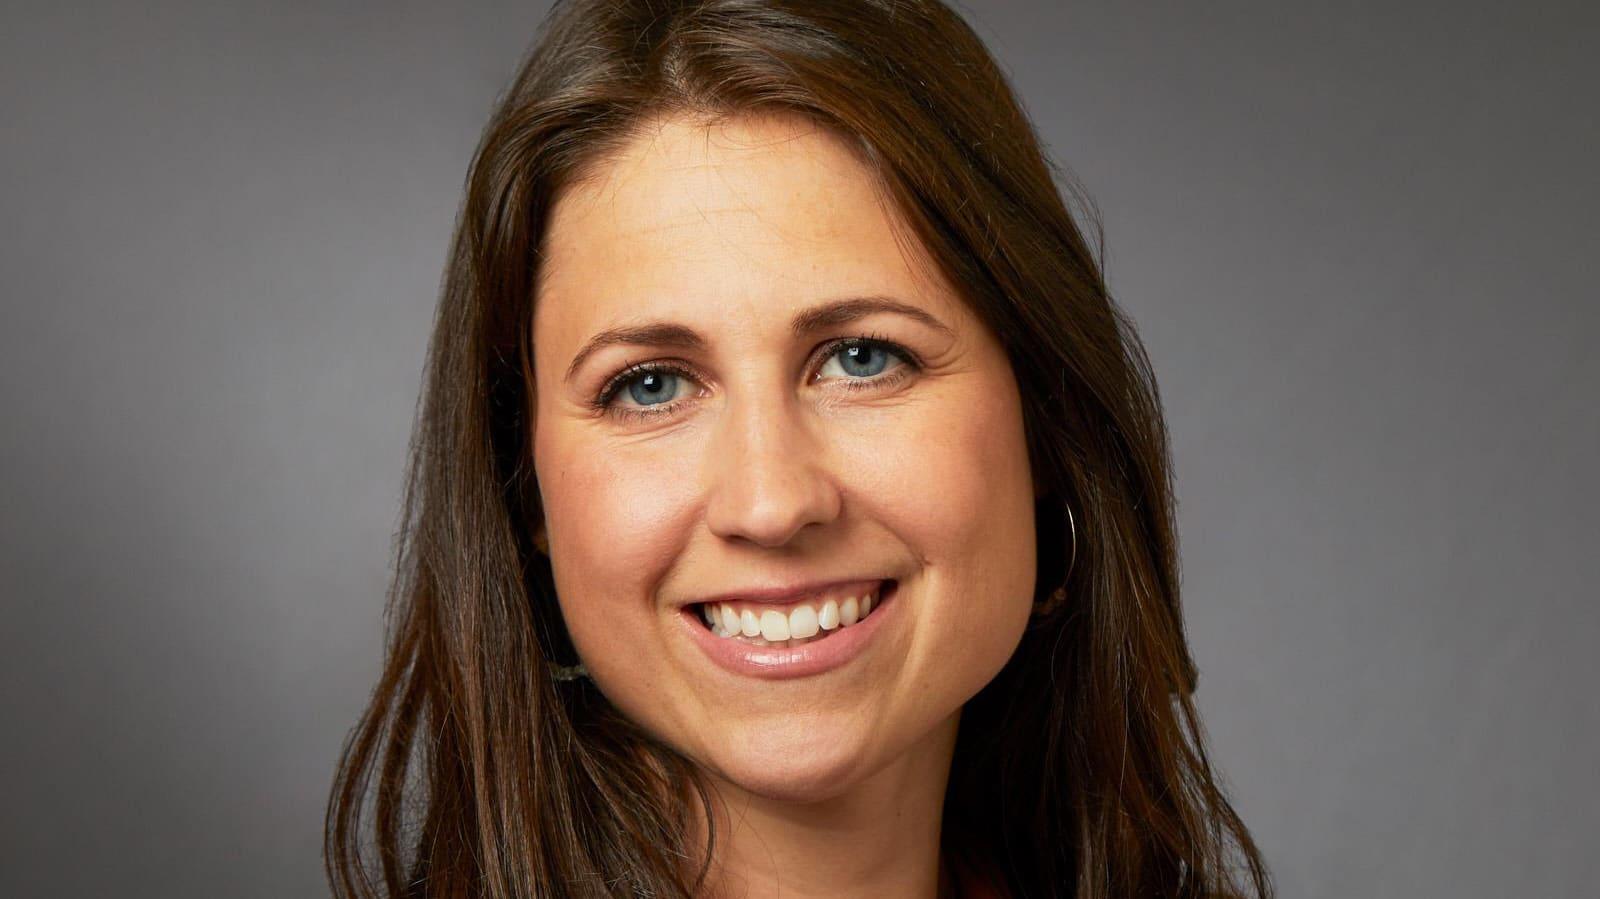 Danielle K. Goncalves, MBA